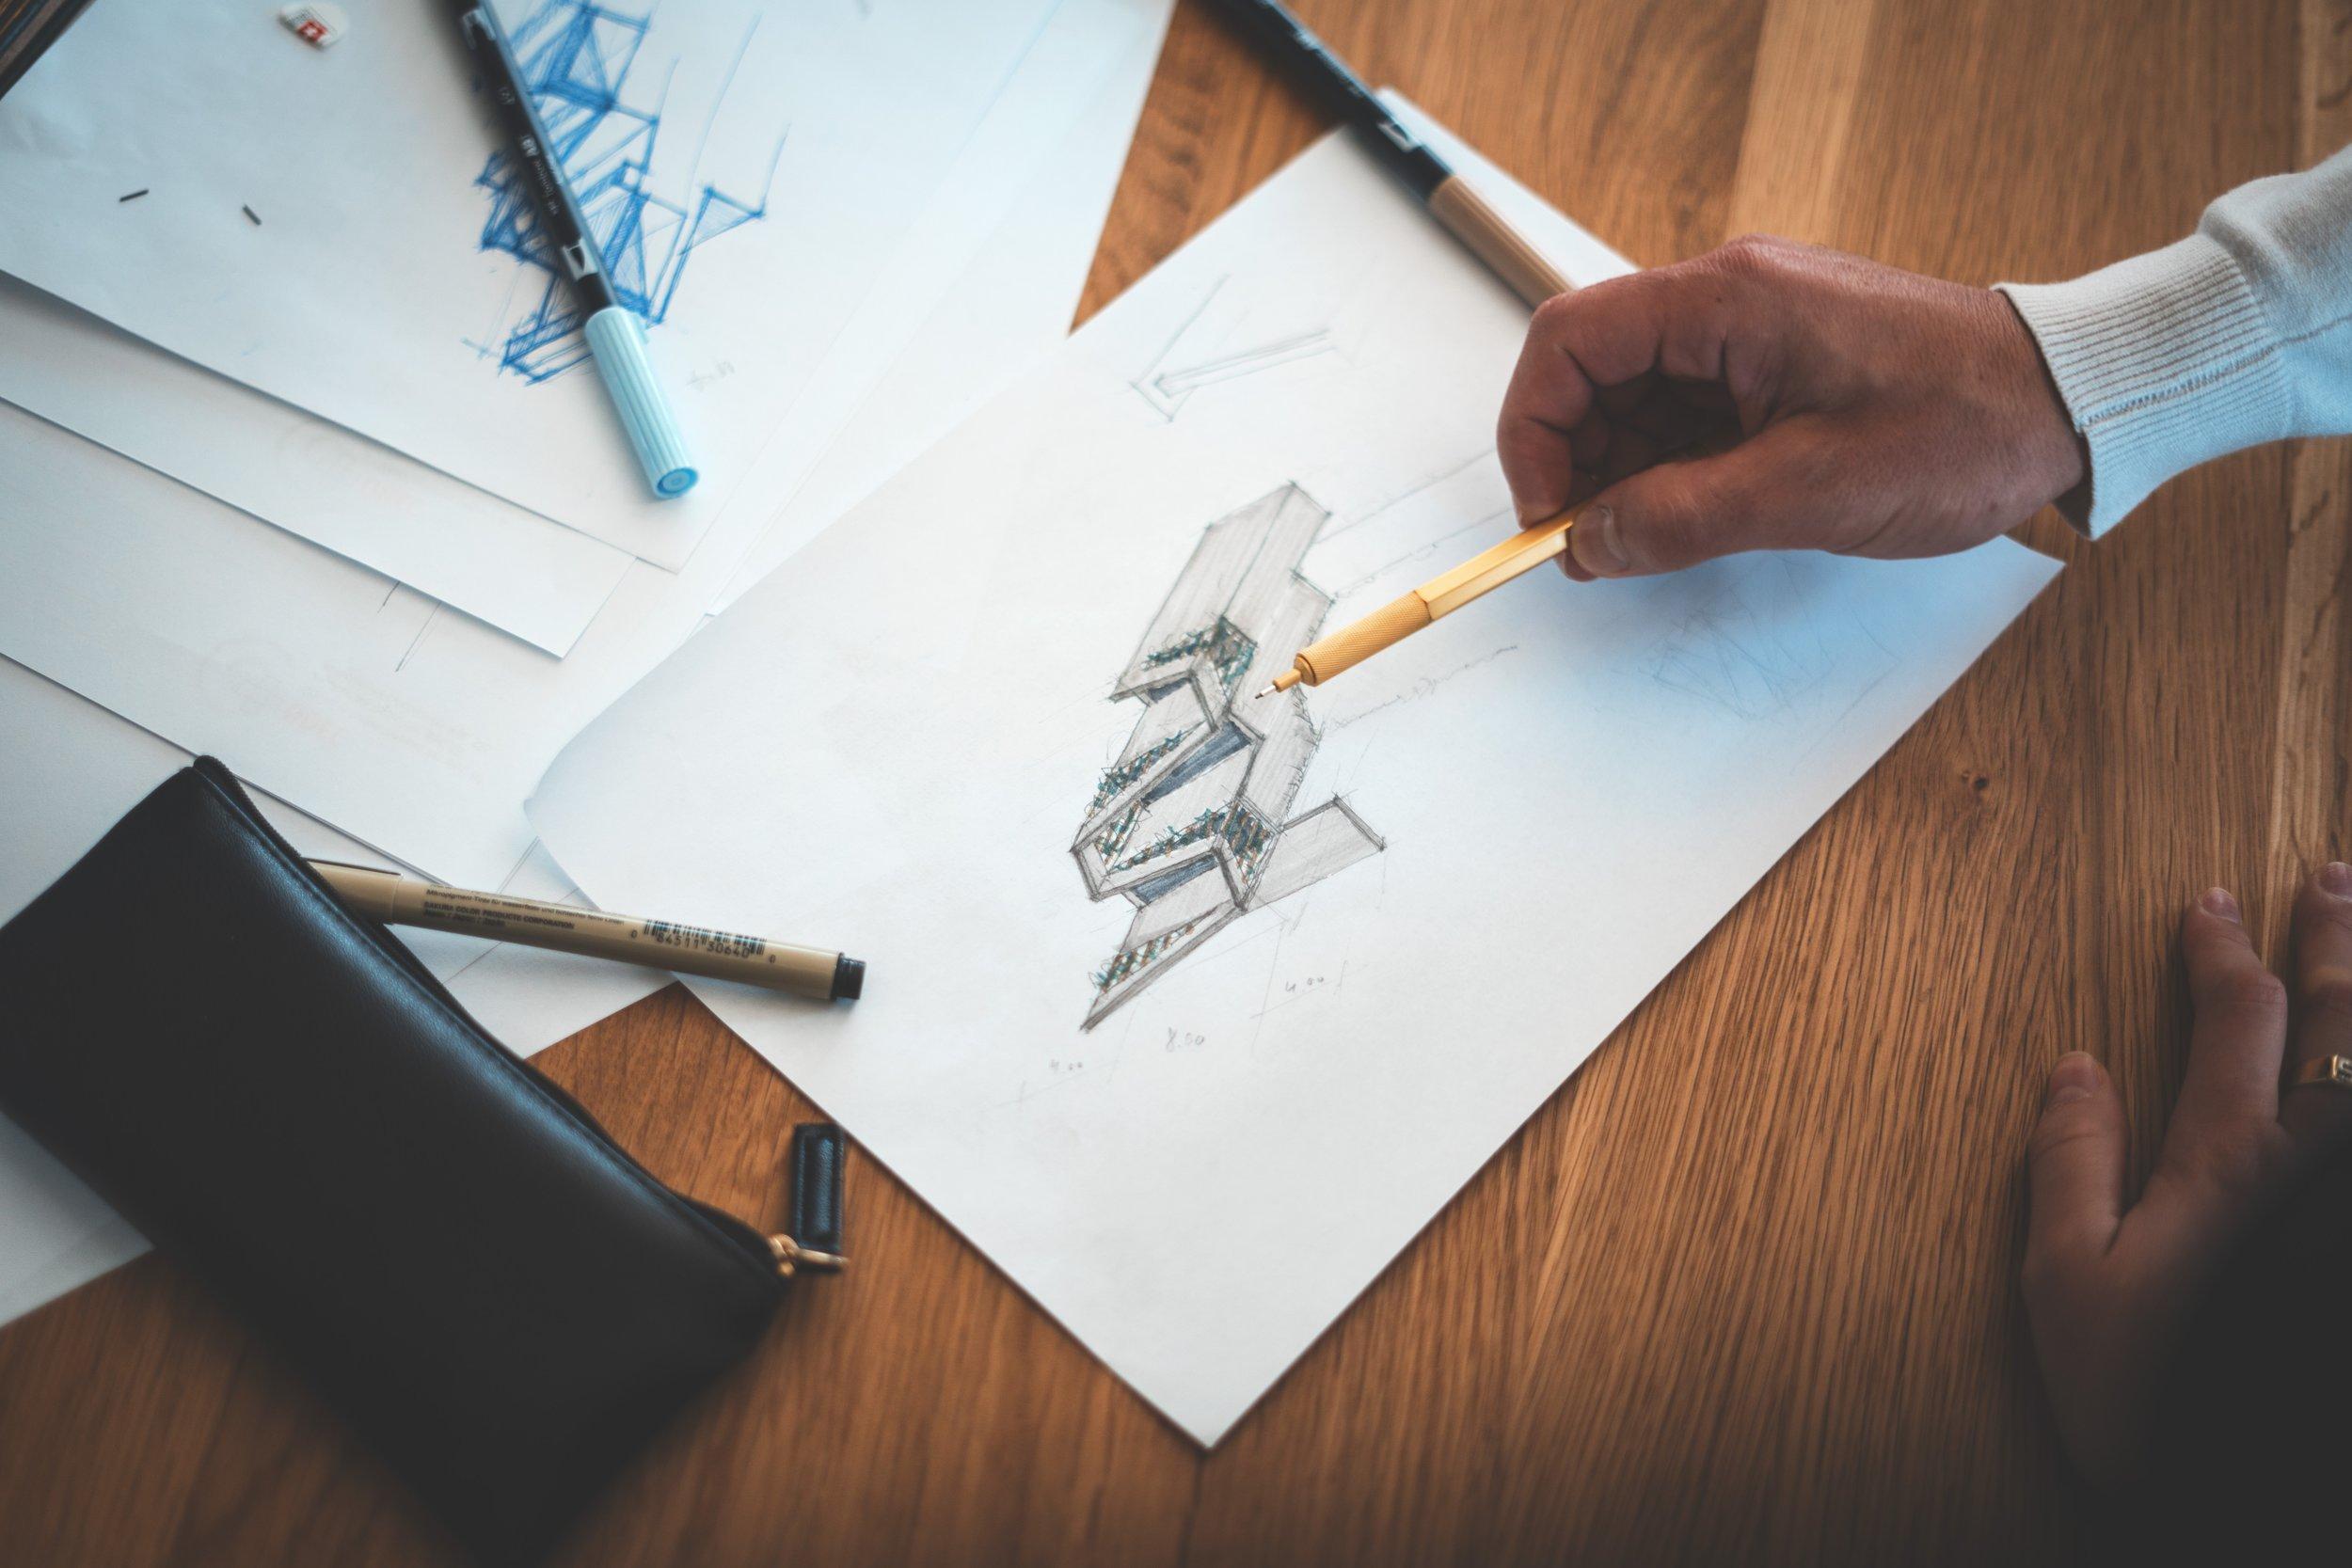 - Zu Beginn unserer Arbeiten steht eine Besichtigung des Raumes. Dabei werden die Gegebenheiten angesehen, Vorstellungen und Anforderungen diskutiert und eine erste Absprache vorgenommen. Darauf basierend werden per Hand Zeichnungen erstellt - kein Computer kann Design so klar widerspiegeln und präsentieren. Diese werden dann gemeinsam diskutiert und das finale Design bestimmt.